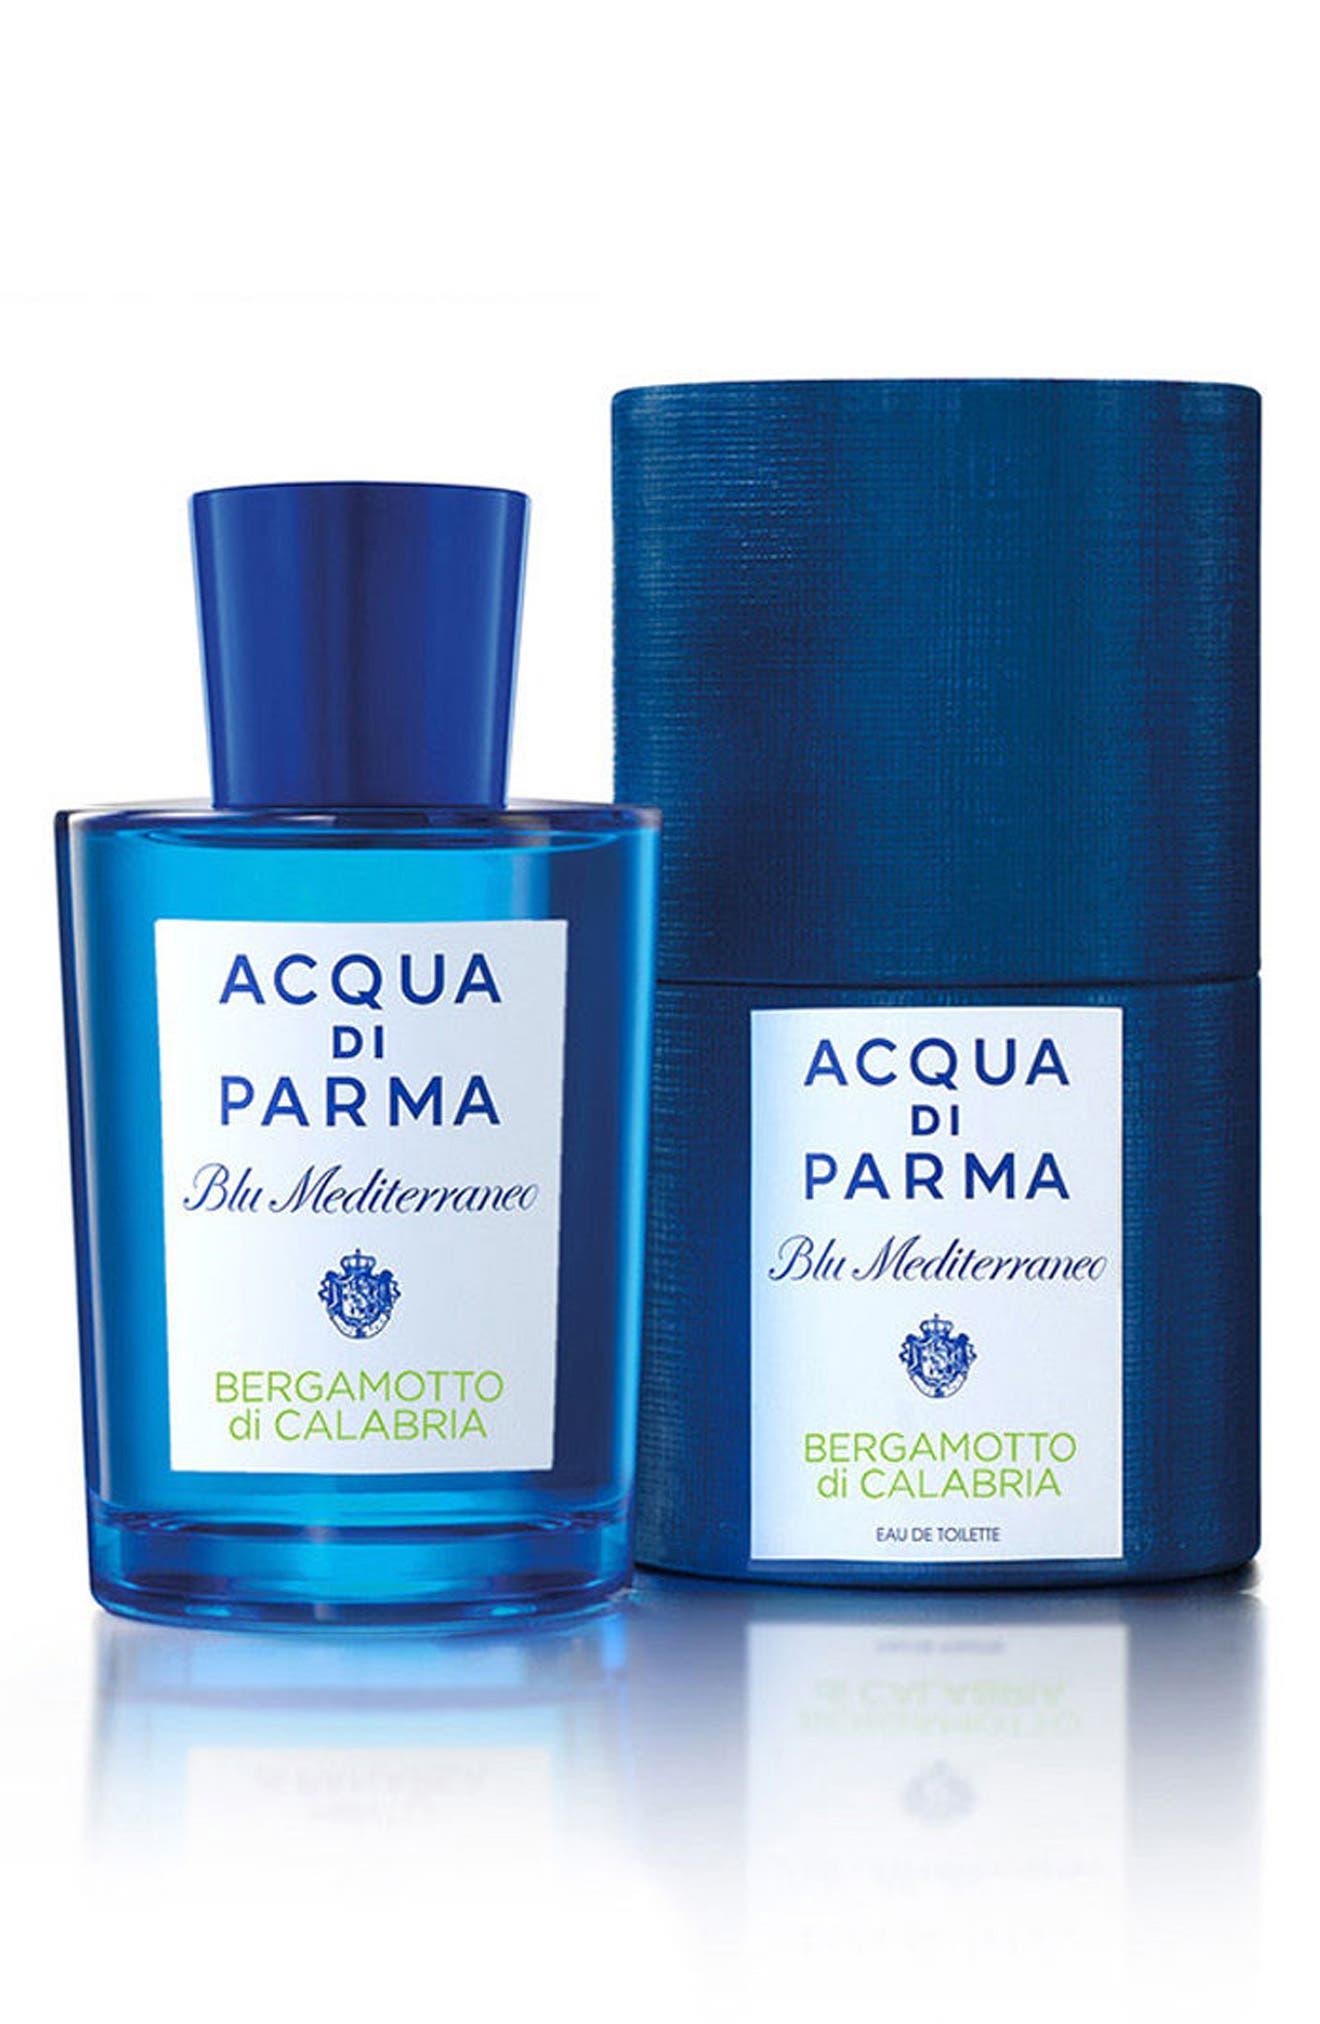 Alternate Image 2  - Acqua di Parma 'Blu Mediterraneo' Bergamotto di Calabria Eau de Toilette Spray